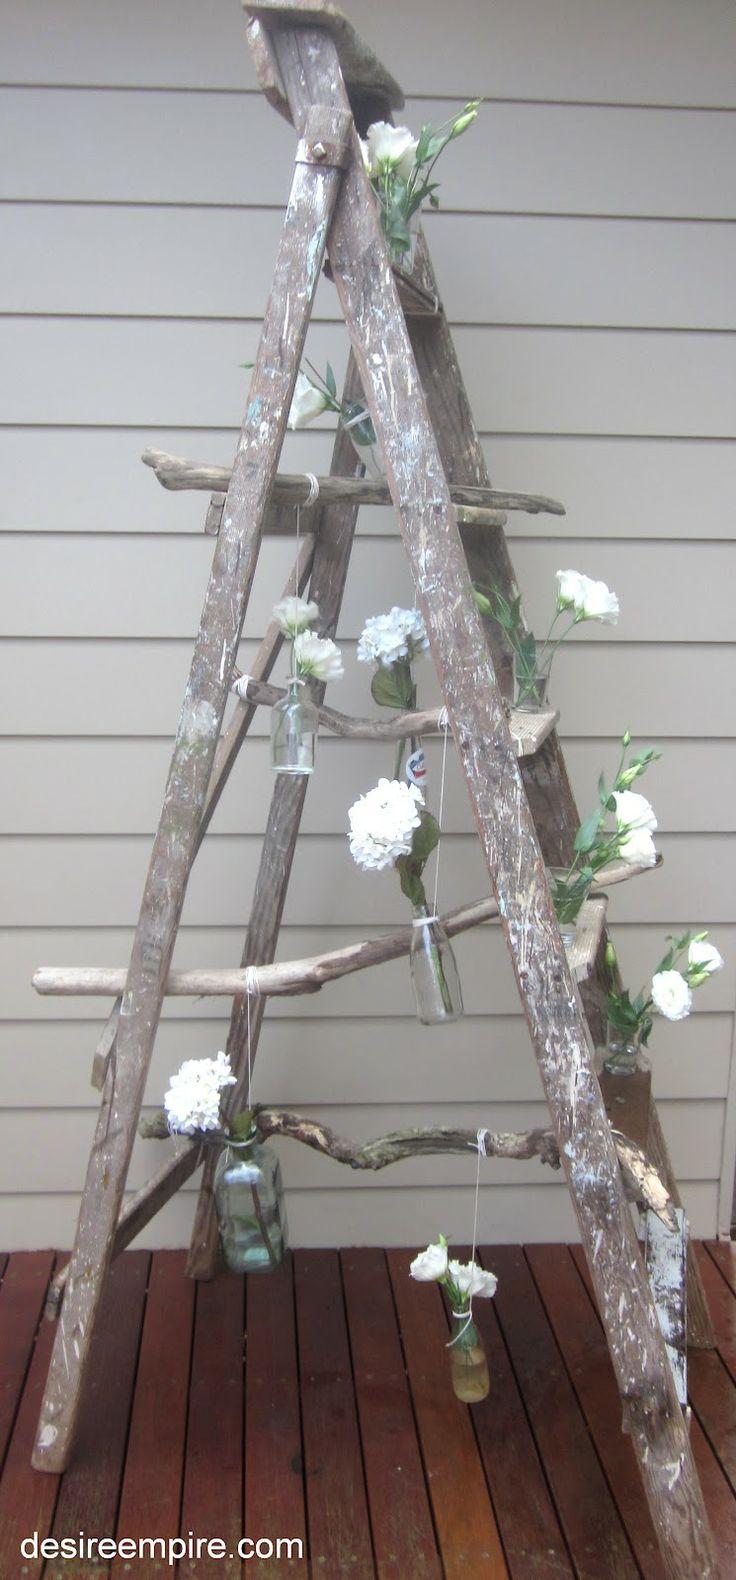 Scala in legno in stile shabby: i suoi mille usi grazie al riciclo